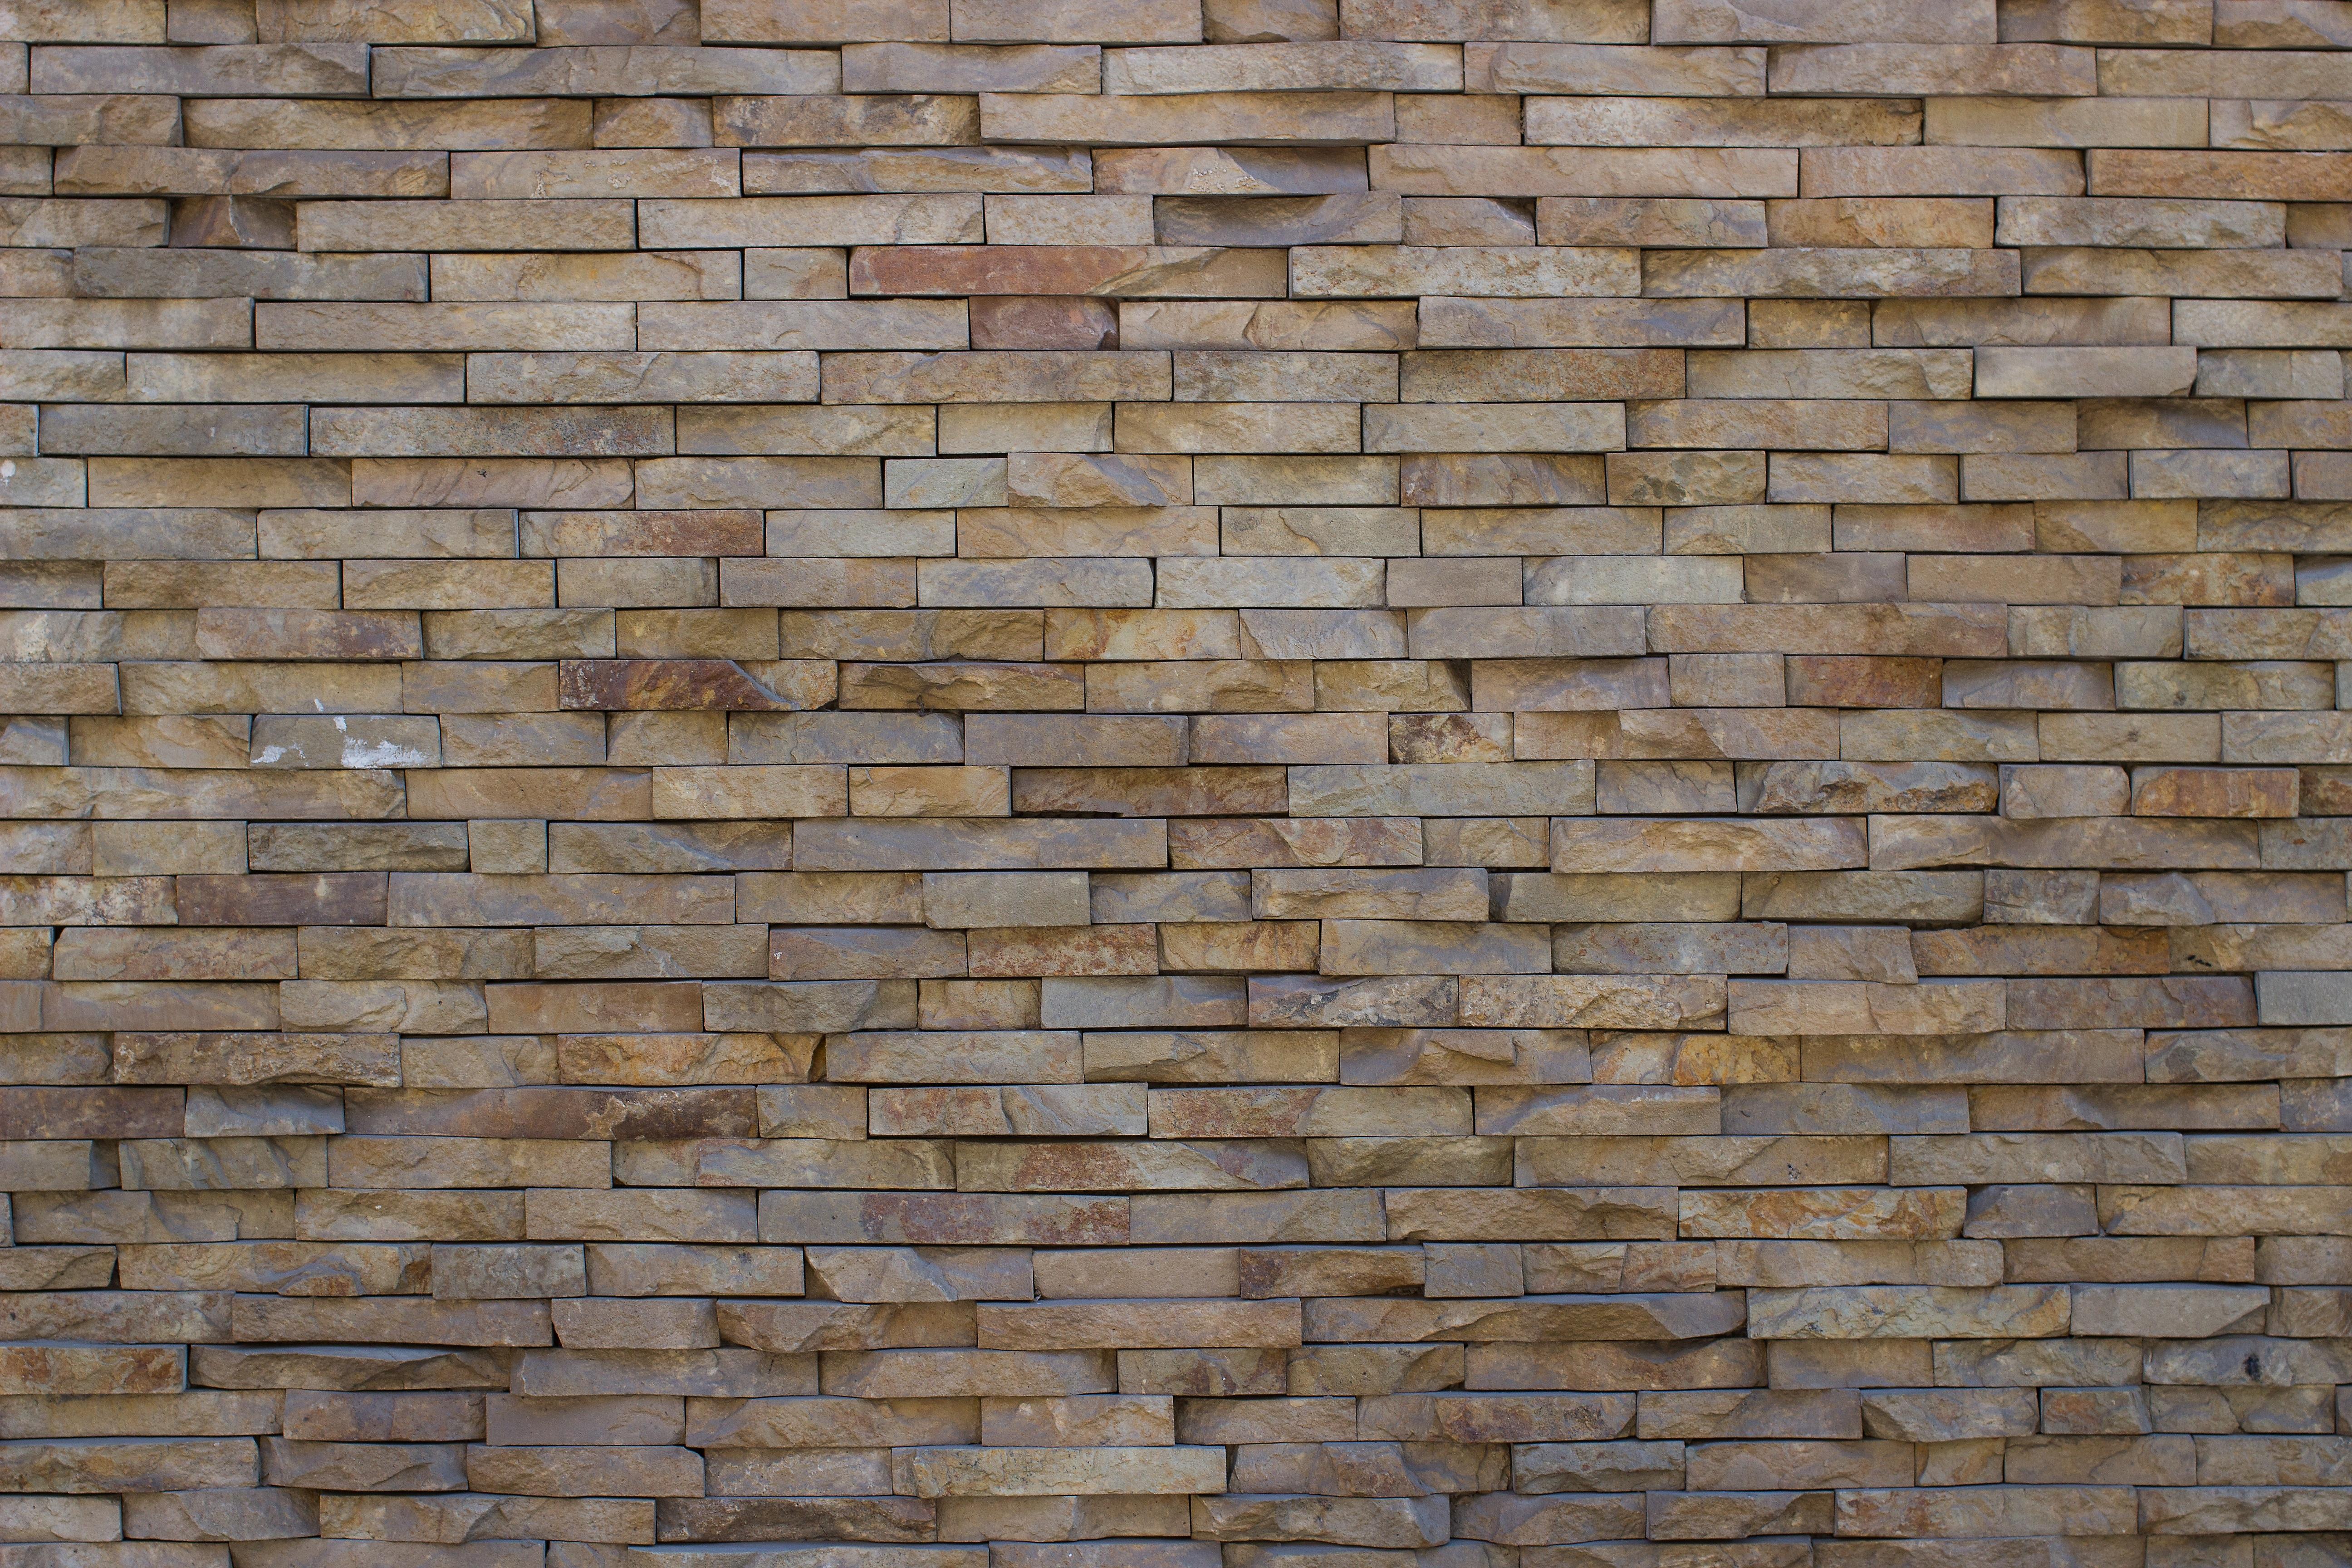 Piastrelle Decorative Per Tavoli immagini belle : architettura, legna, casa, struttura